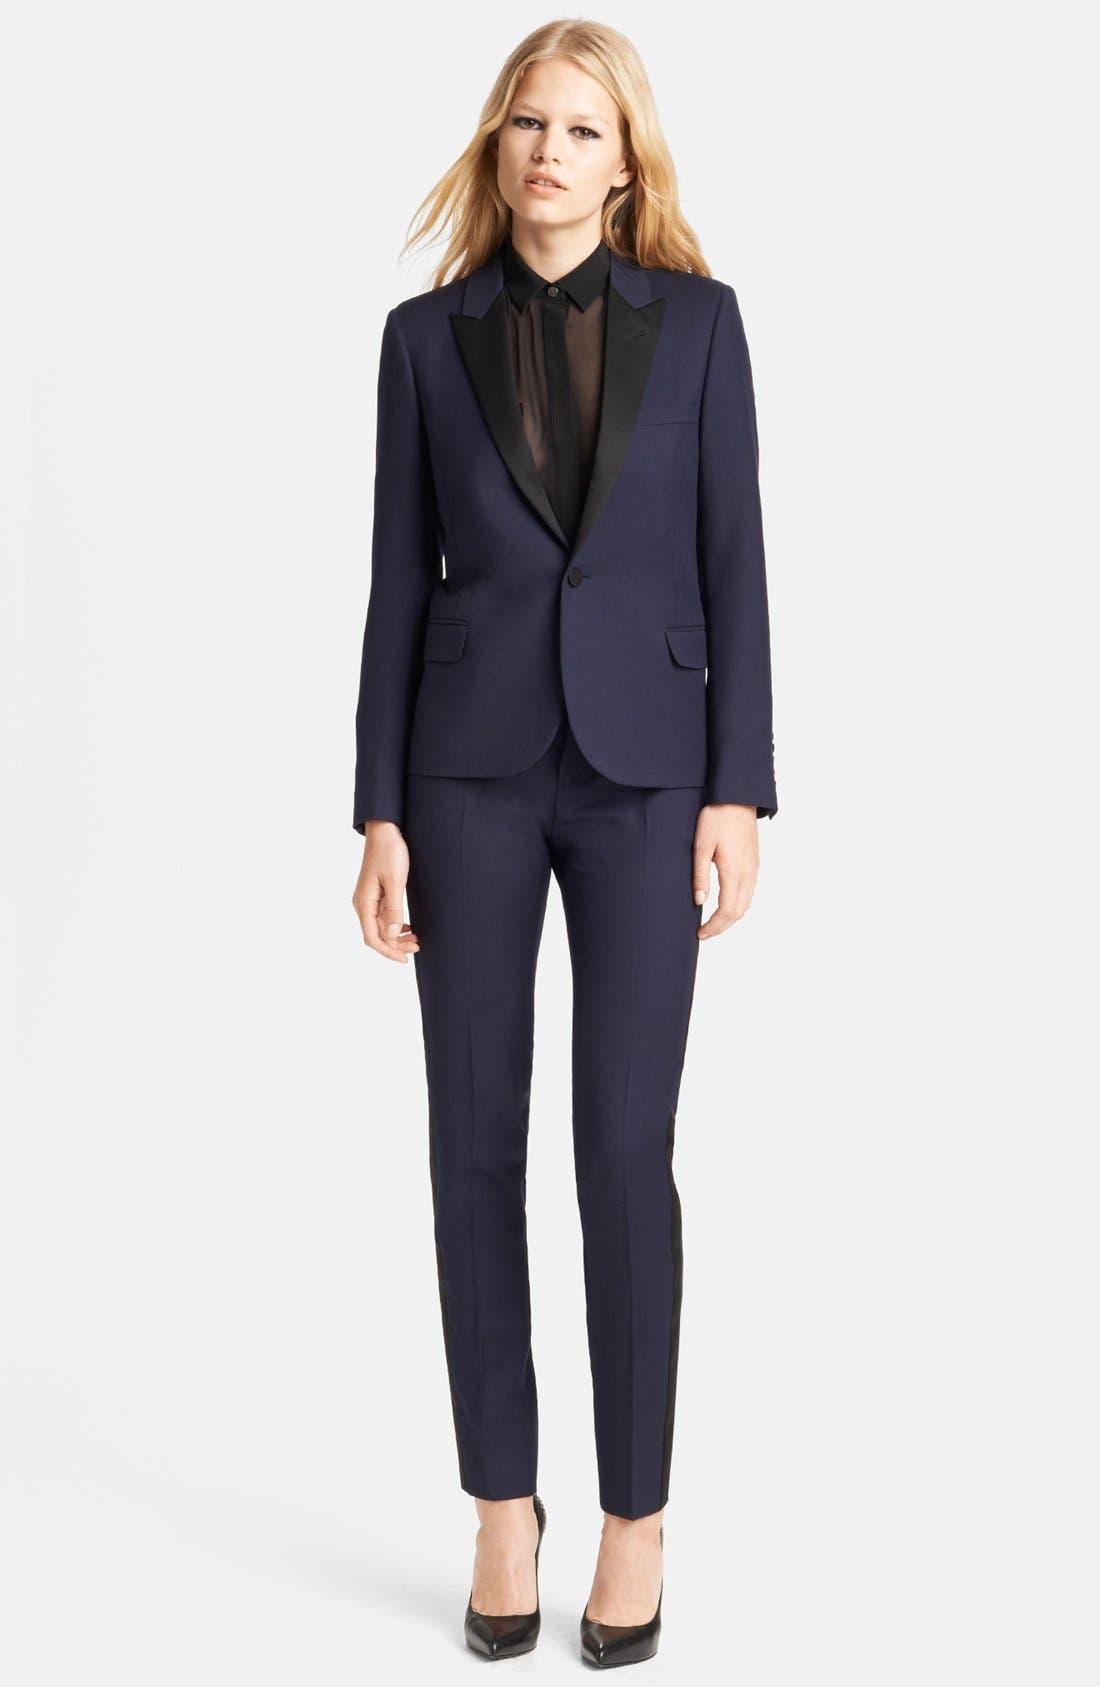 Main Image - Saint Laurent Blazer & Pants